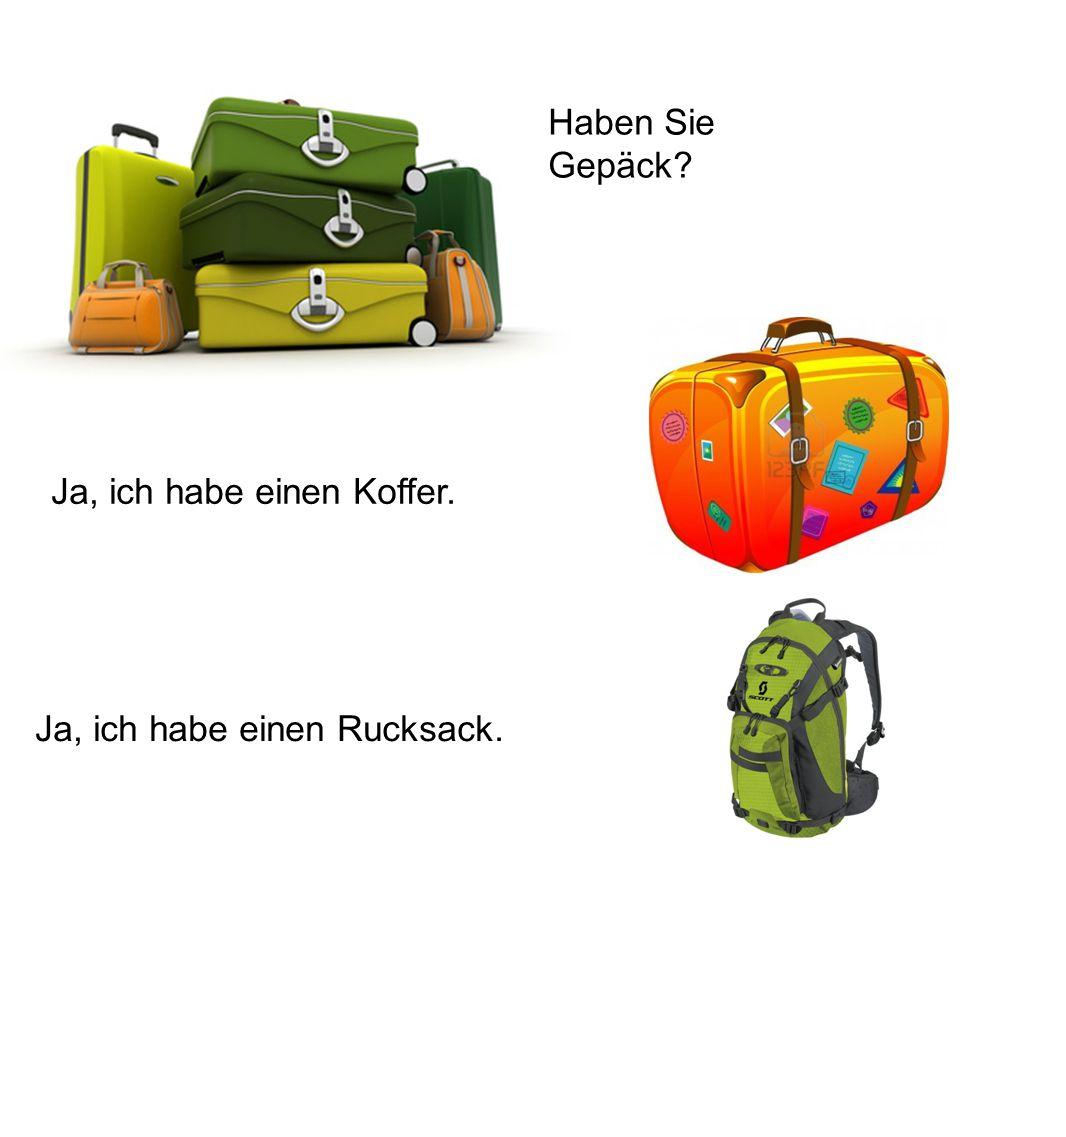 Haben Sie Gepäck? Ja, ich habe einen Koffer. Ja, ich habe einen Rucksack.